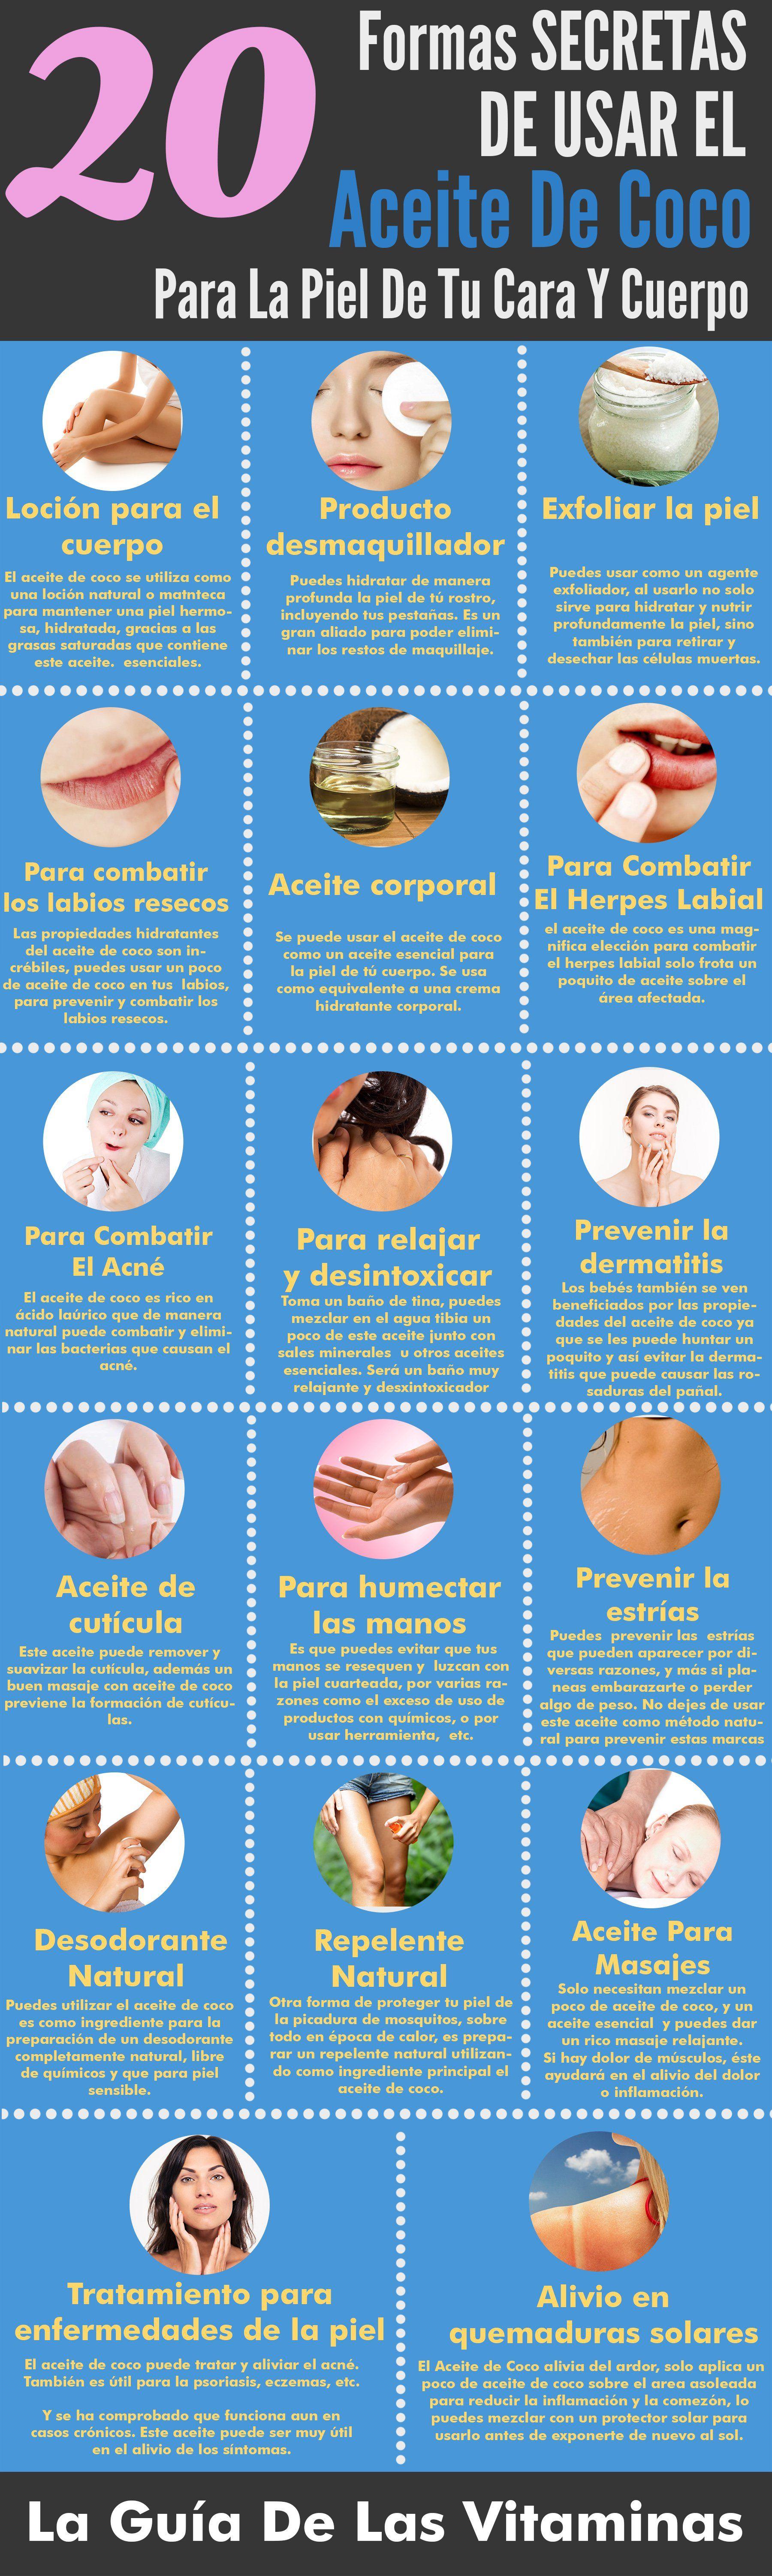 El Aceite De Coco Es Un Producto De Origen Natural Que Aporta Múltiples Beneficios Para La Salud En General De Natural Beauty Tips Skin Tips Health And Beauty